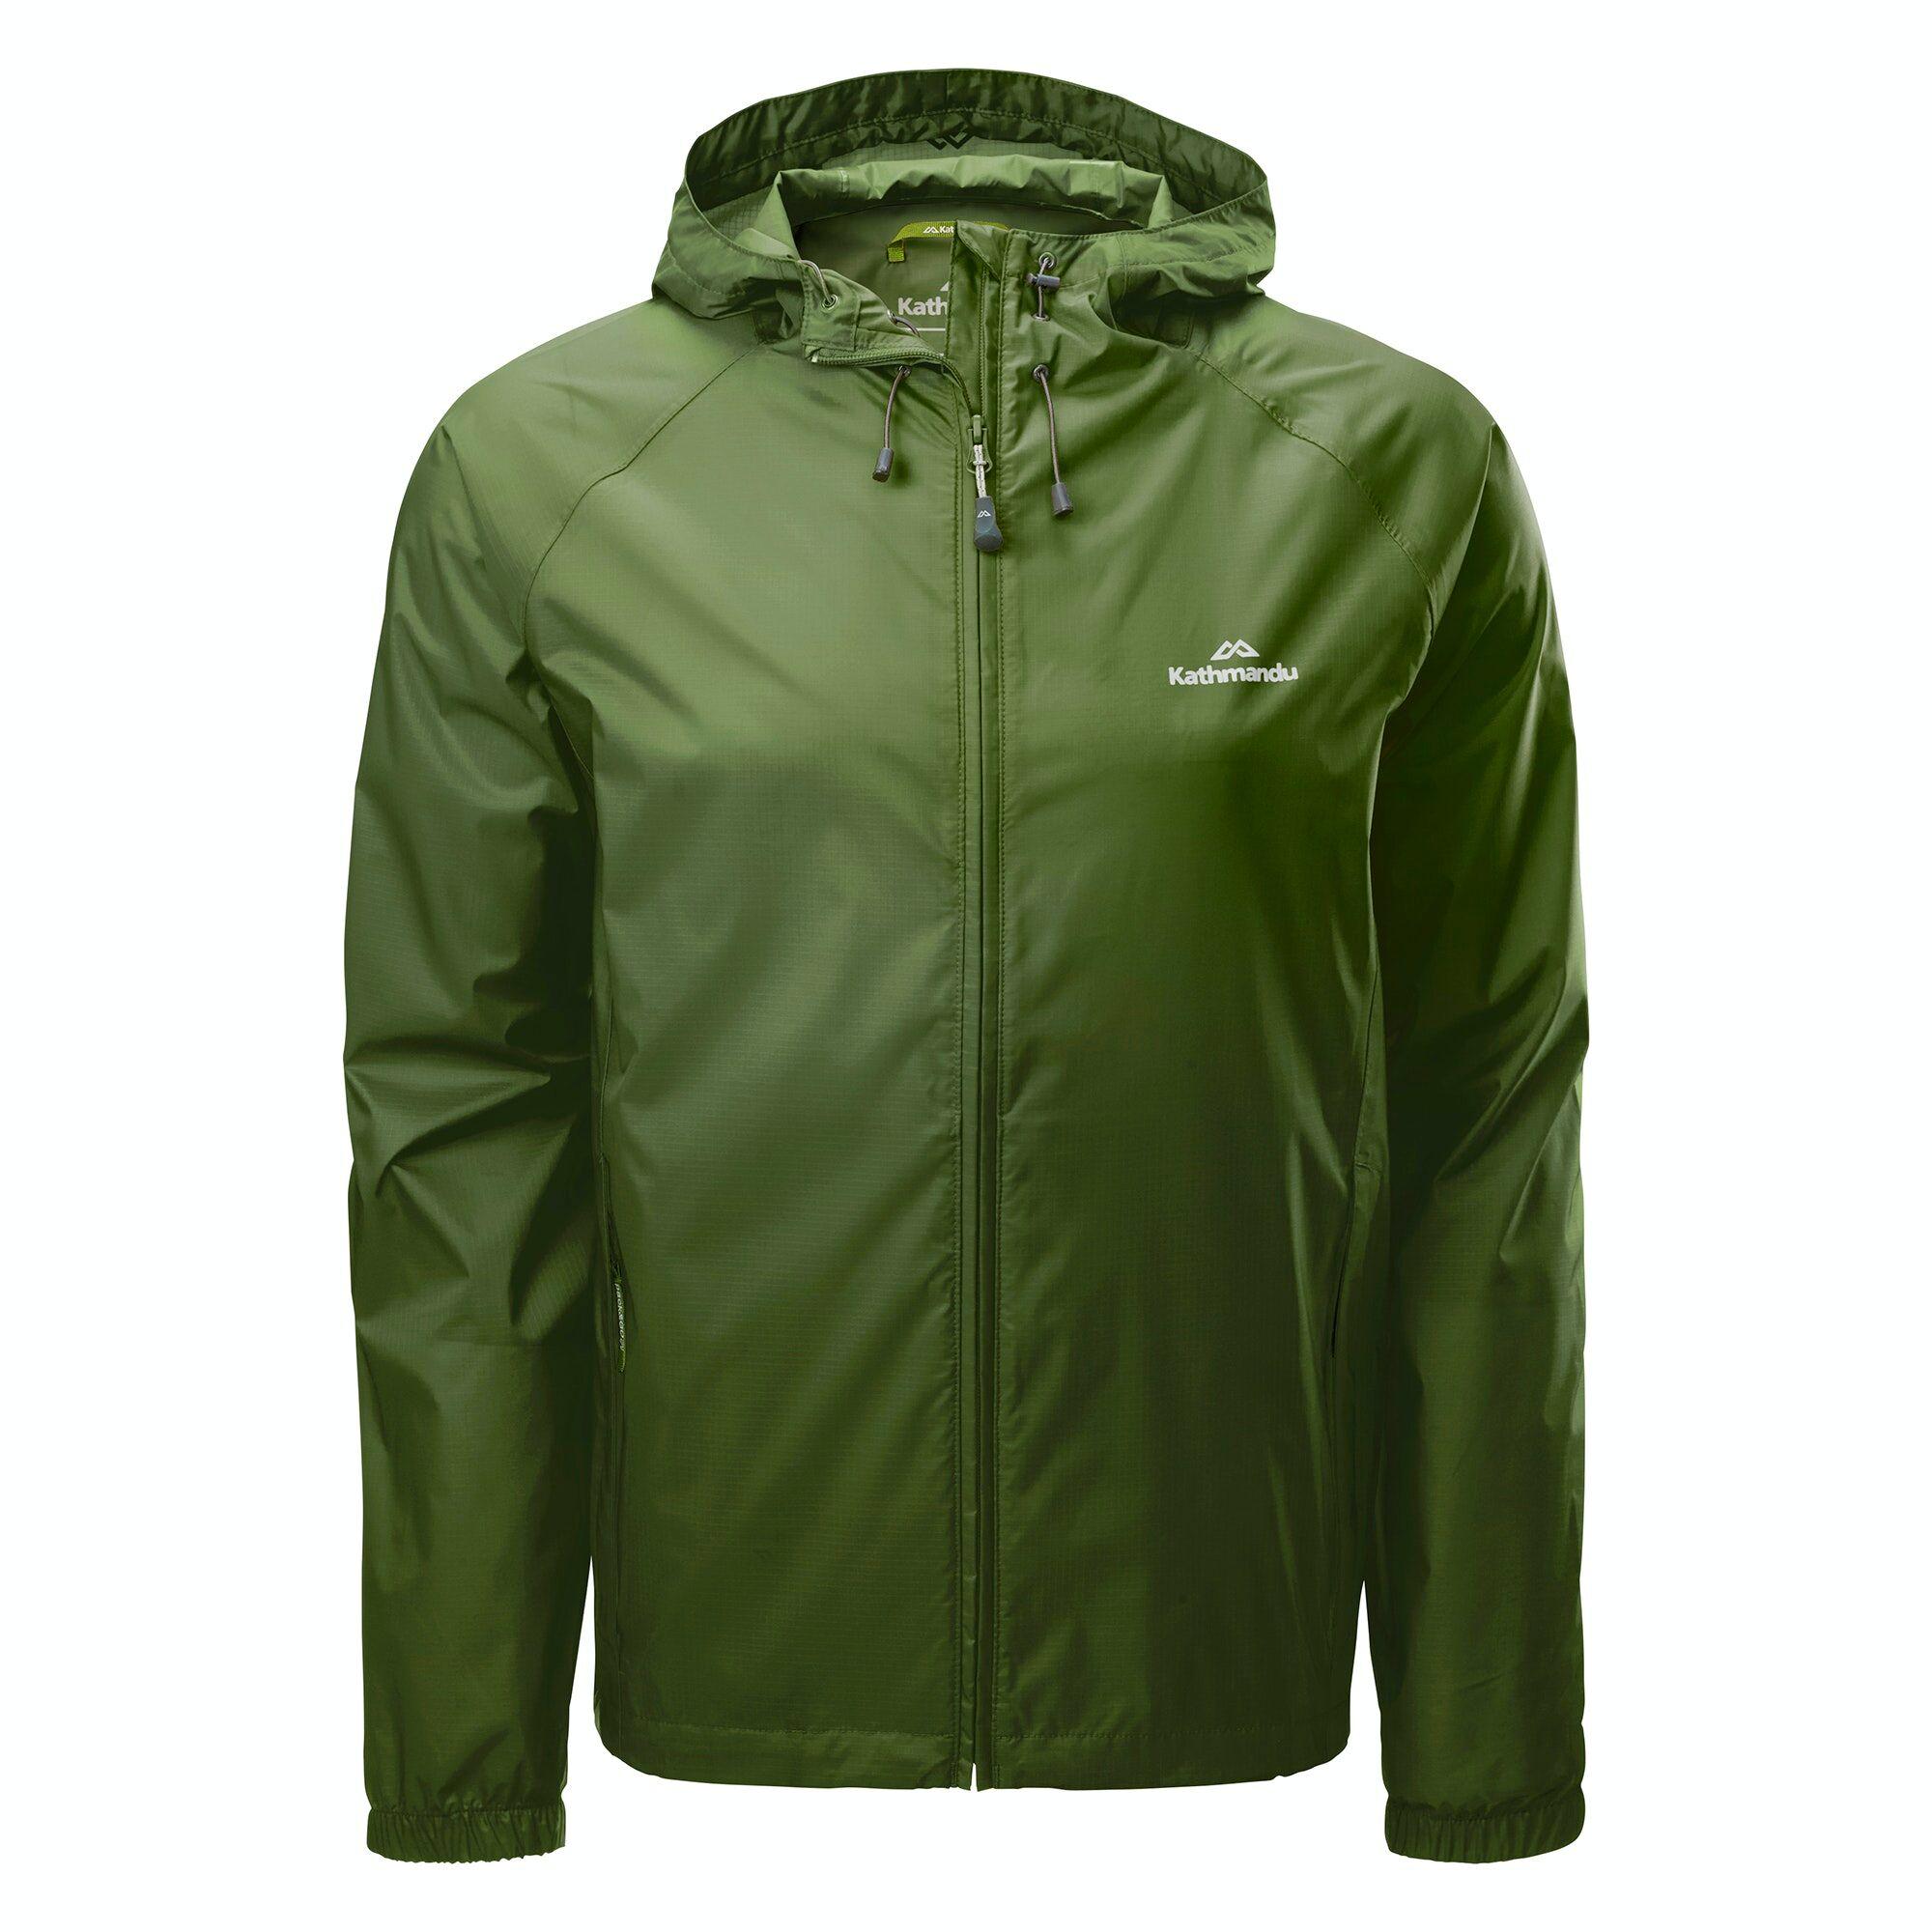 Kathmandu Pocket-it Men's Rain Jacket  - Moss - Size: Small